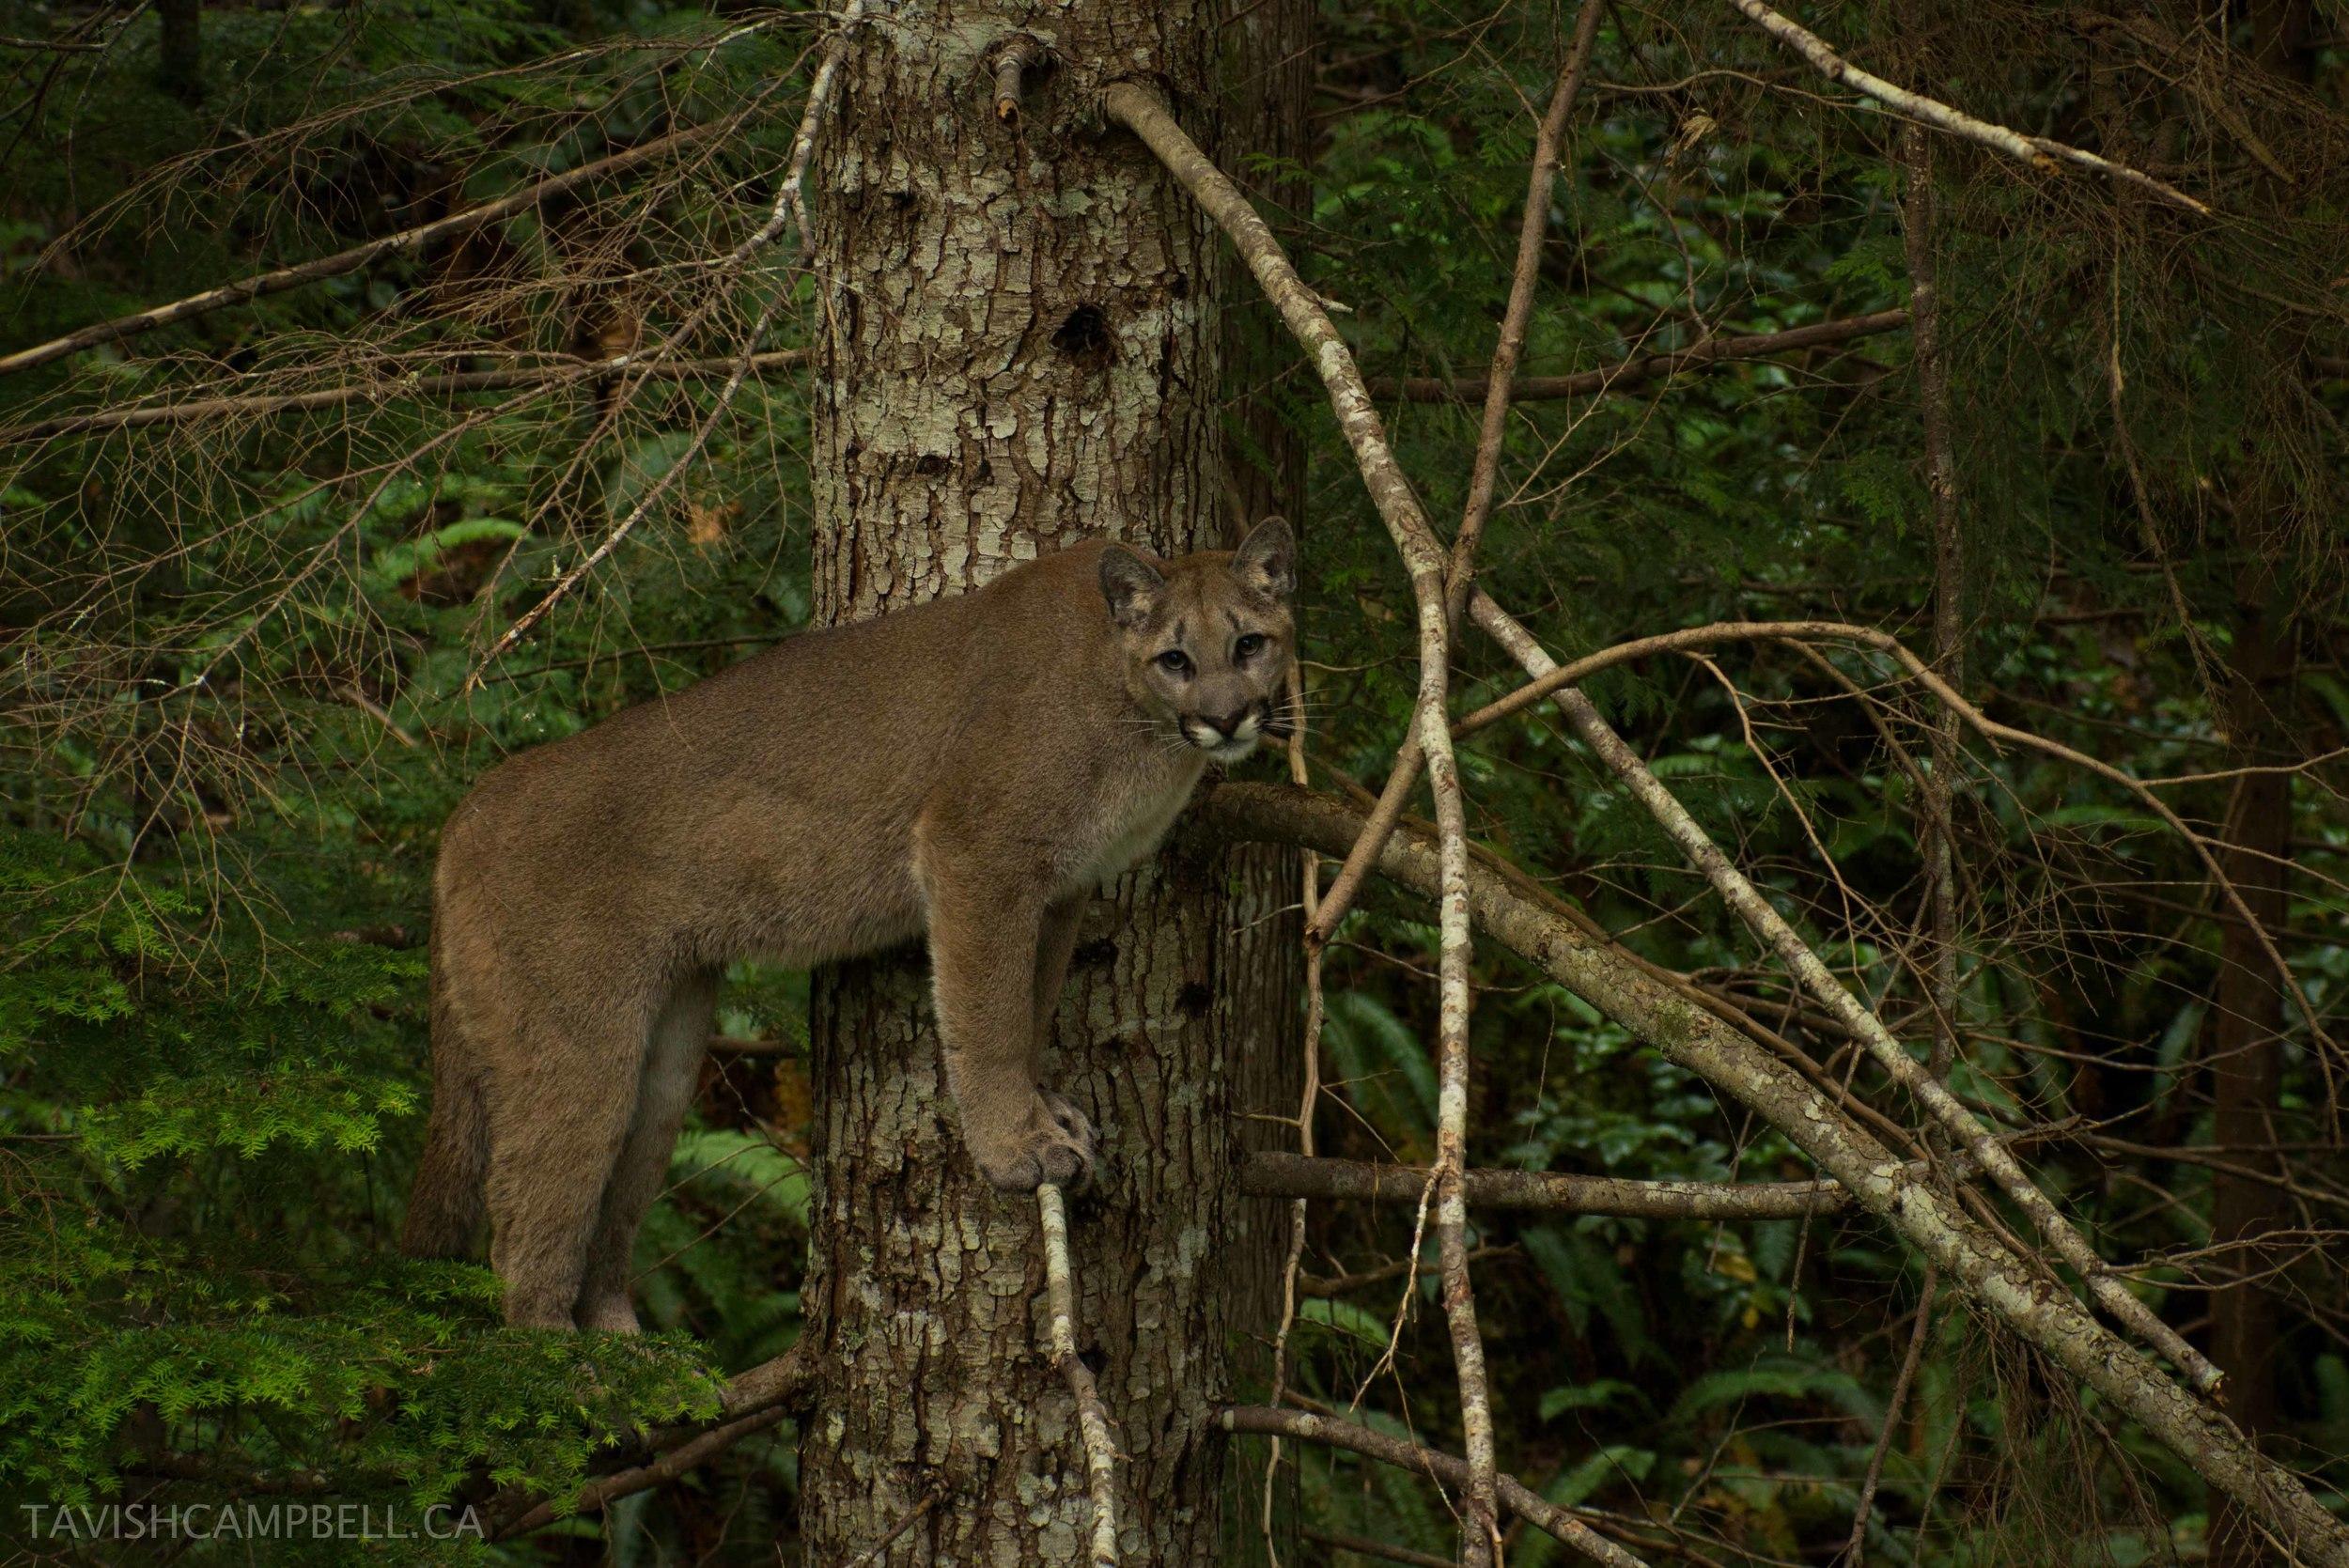 cougar©tavishcampbell.ca